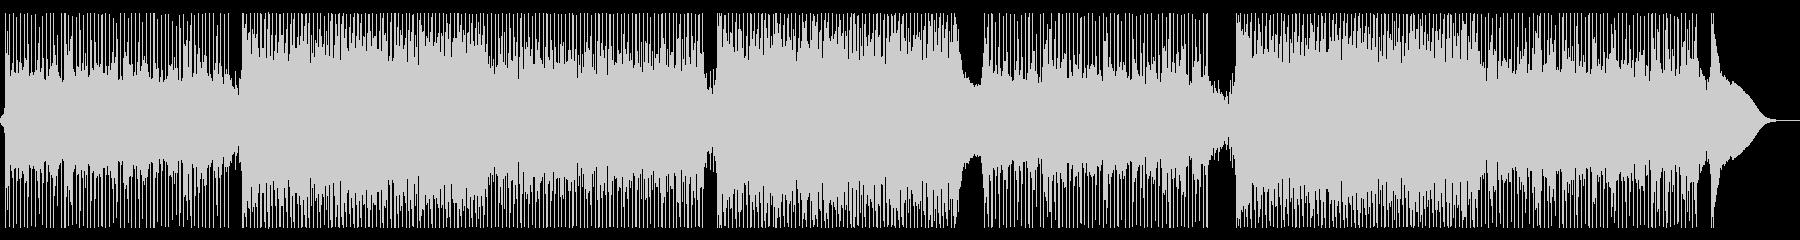 クリーンで前向きコーポレート系(声無し)の未再生の波形